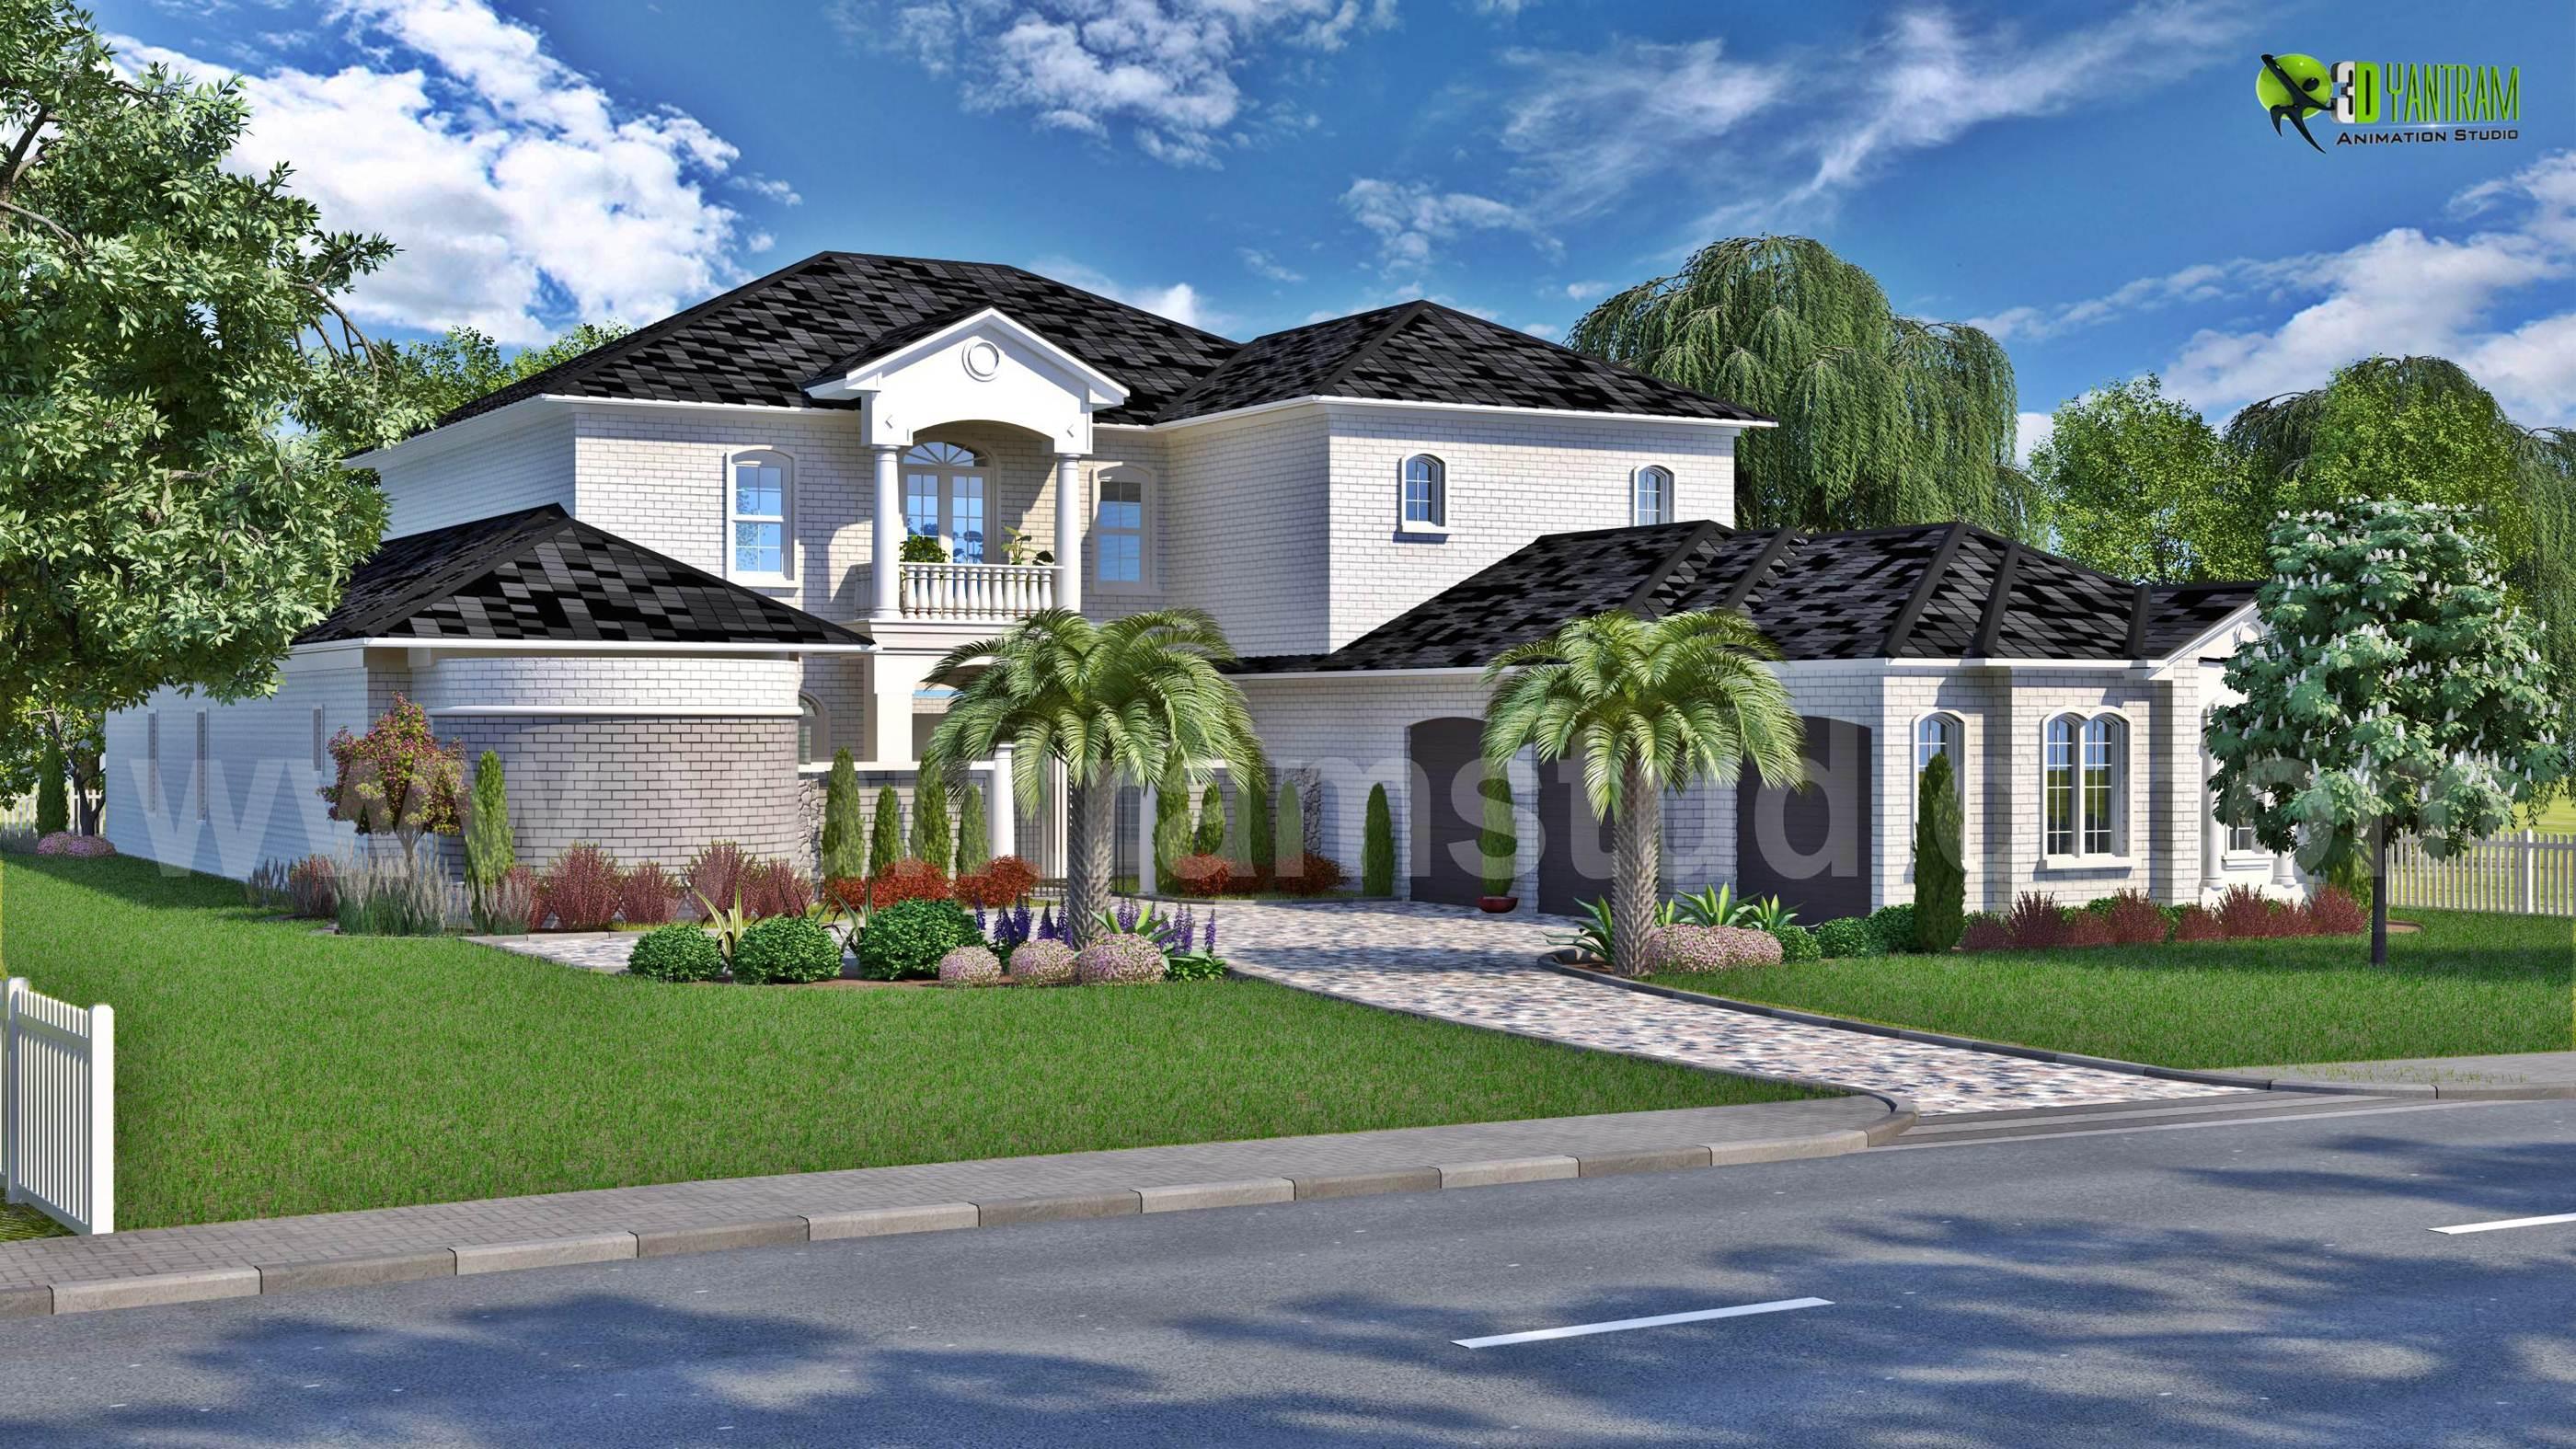 Marvelous Modern Bungalow 3D Exterior Design With Landscape